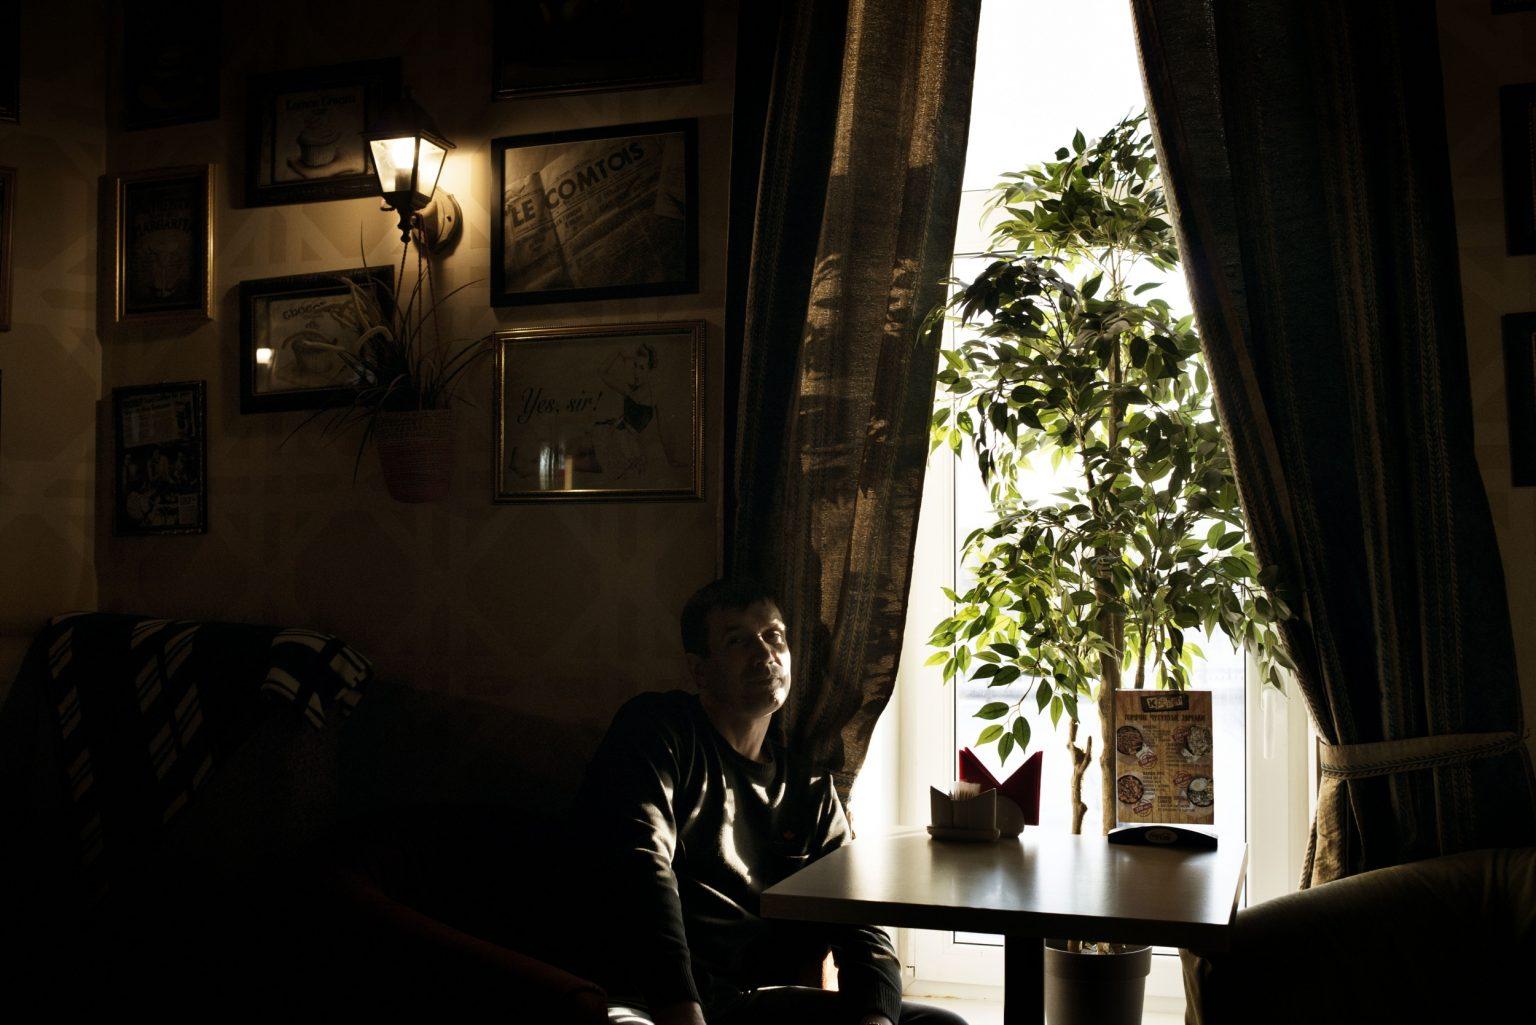 """Yekaterinburg, Russia, March 2016 - Ivan, a former drug addicted, currently works helping drug users. According to him about 90 percent of the people in the region who have used Krokodil have died. He called it 'a real epidemic'. >< Yekaterinburg, Russia, marzo 2016 - Ivan, un ex tossicodipendente, attualmente lavora per aiutare i tossicodipendenti. Secondo Ivan circa il 90% delle persone che hanno fatto uso di Krokodil nella regione è morta, definendo la situazione """"una vera epidemia""""."""